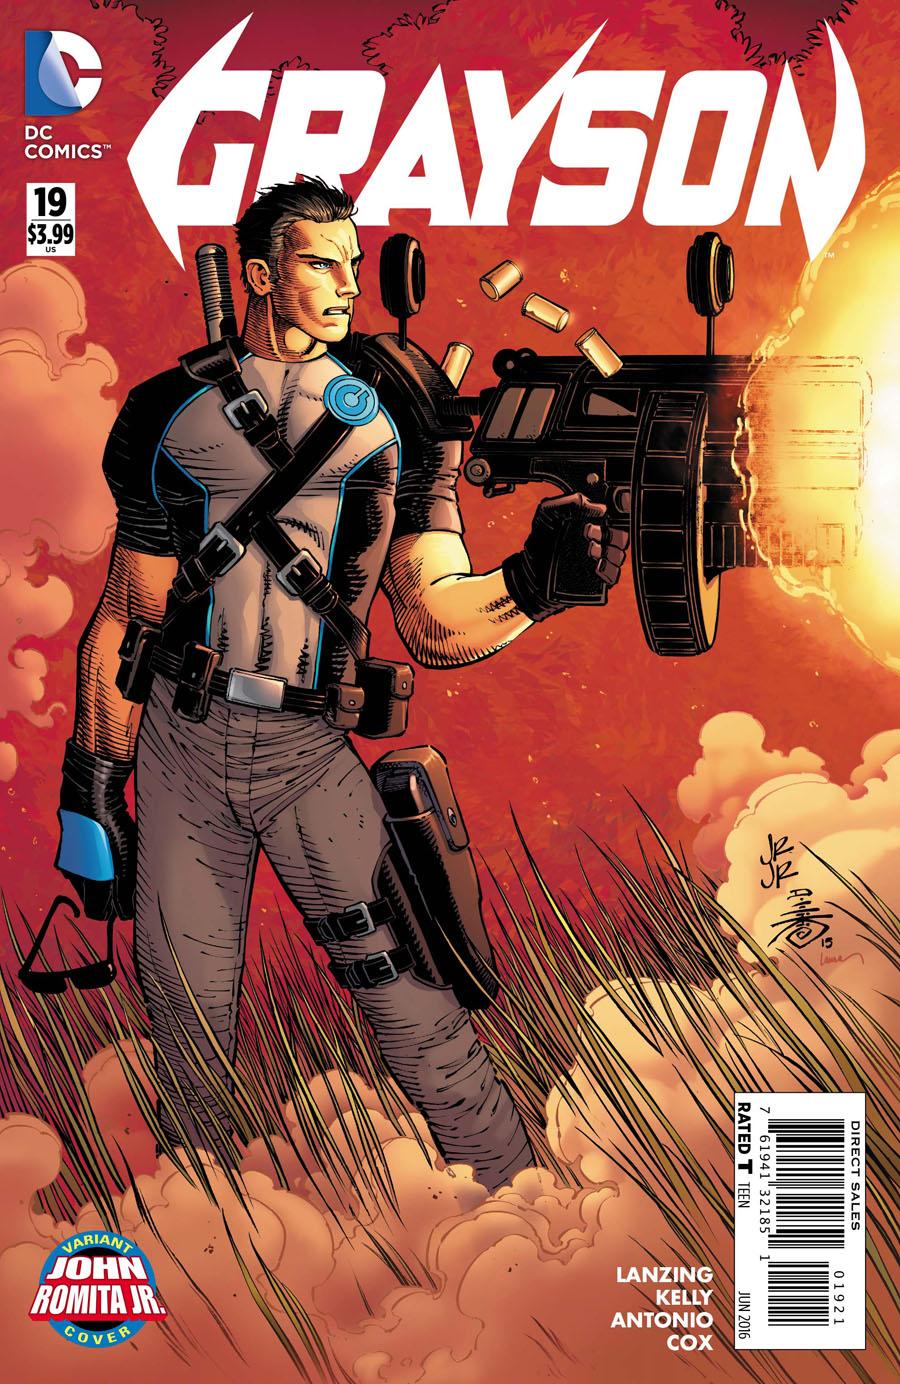 Grayson #19 Cover B Variant John Romita Jr Cover